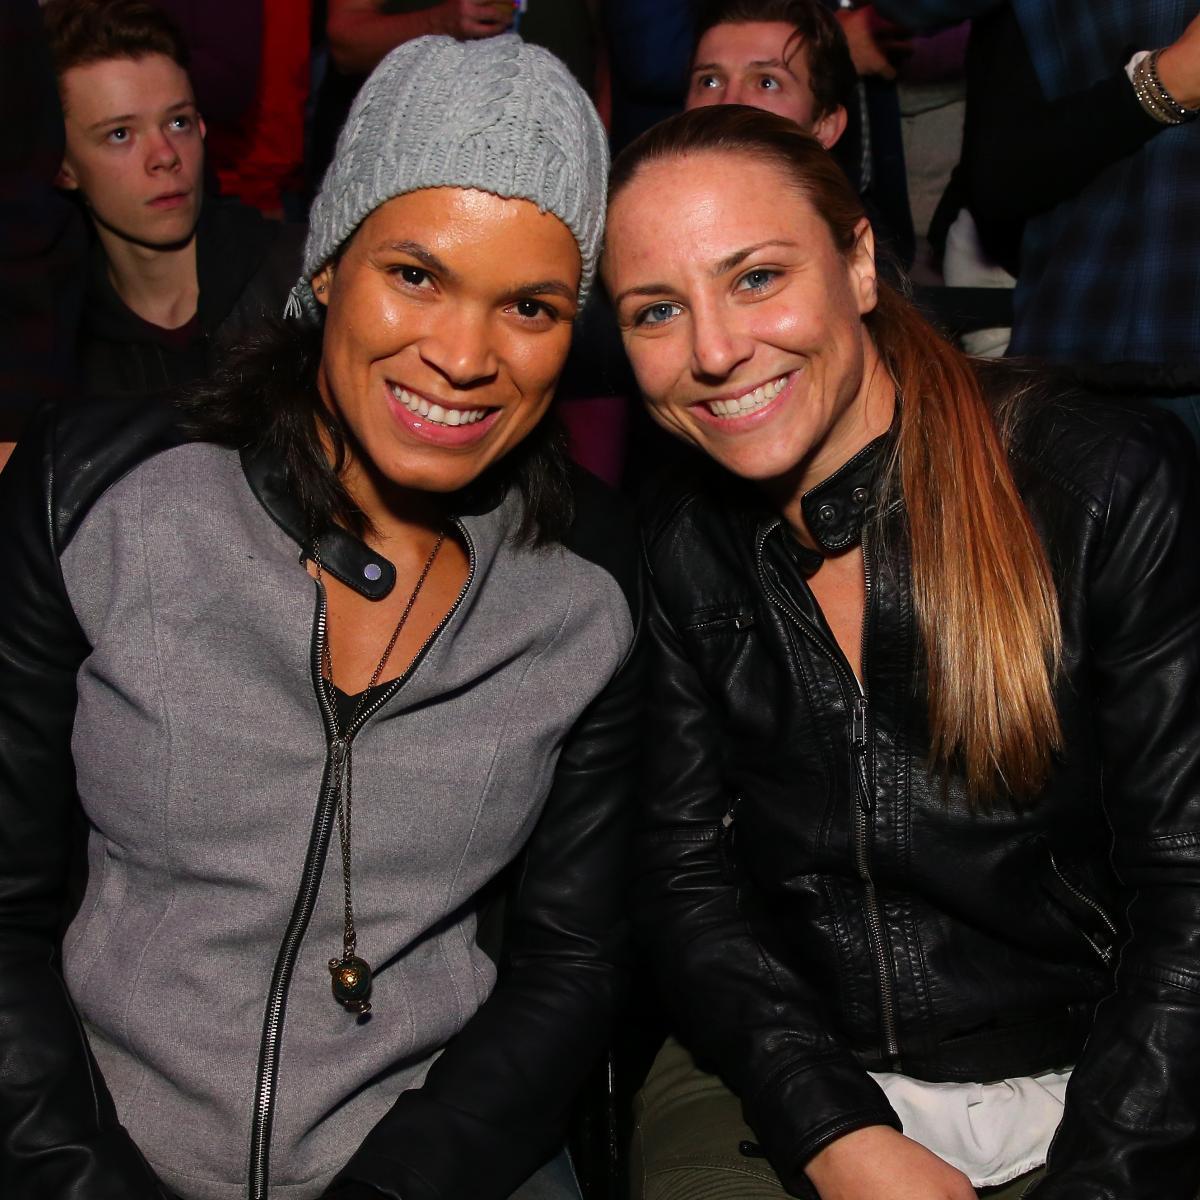 Amanda Nunes Boyfriend